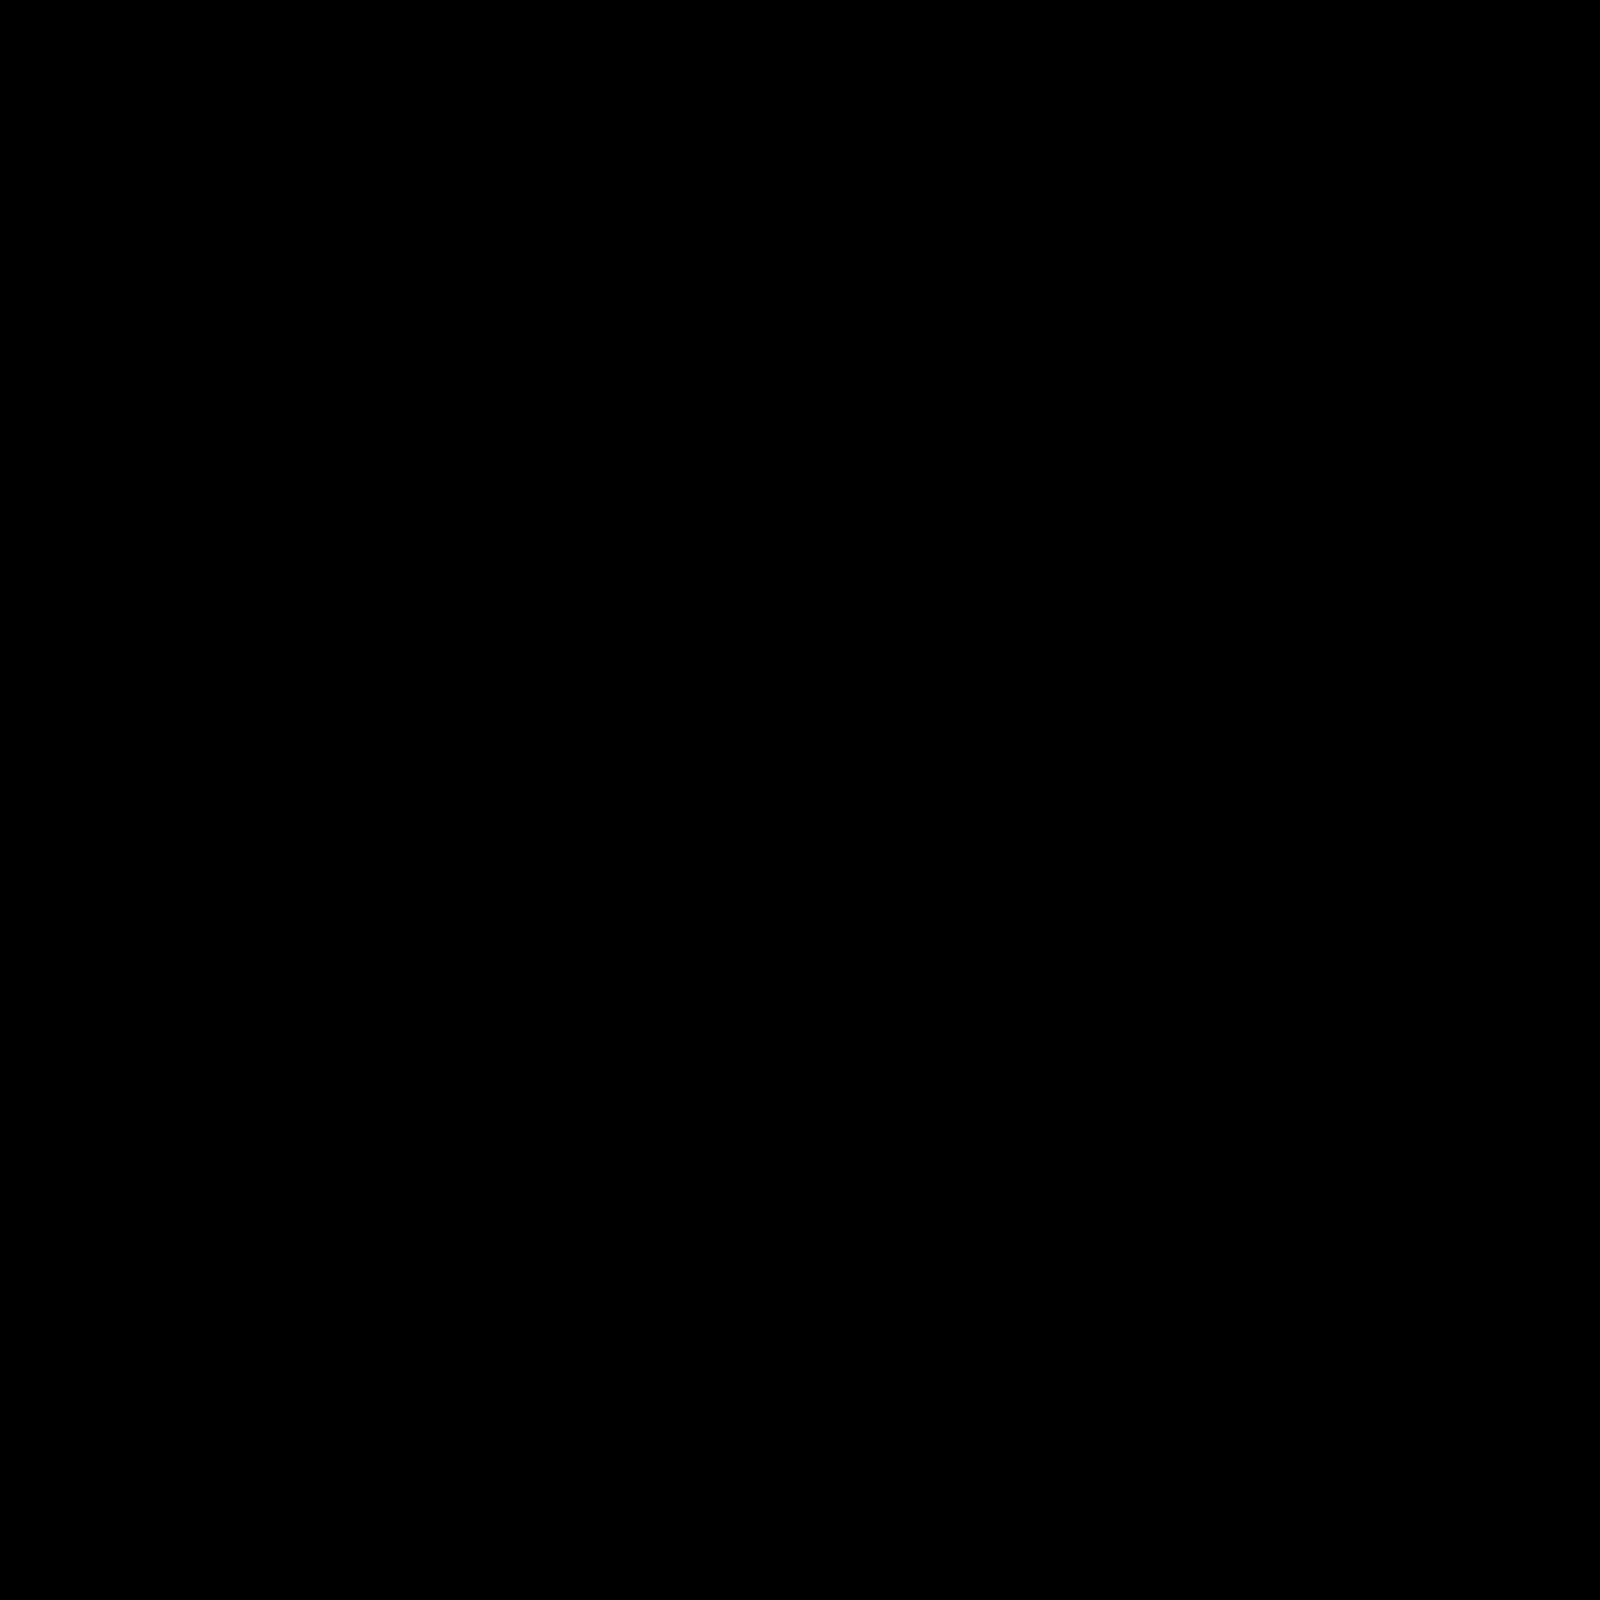 Klaps icon